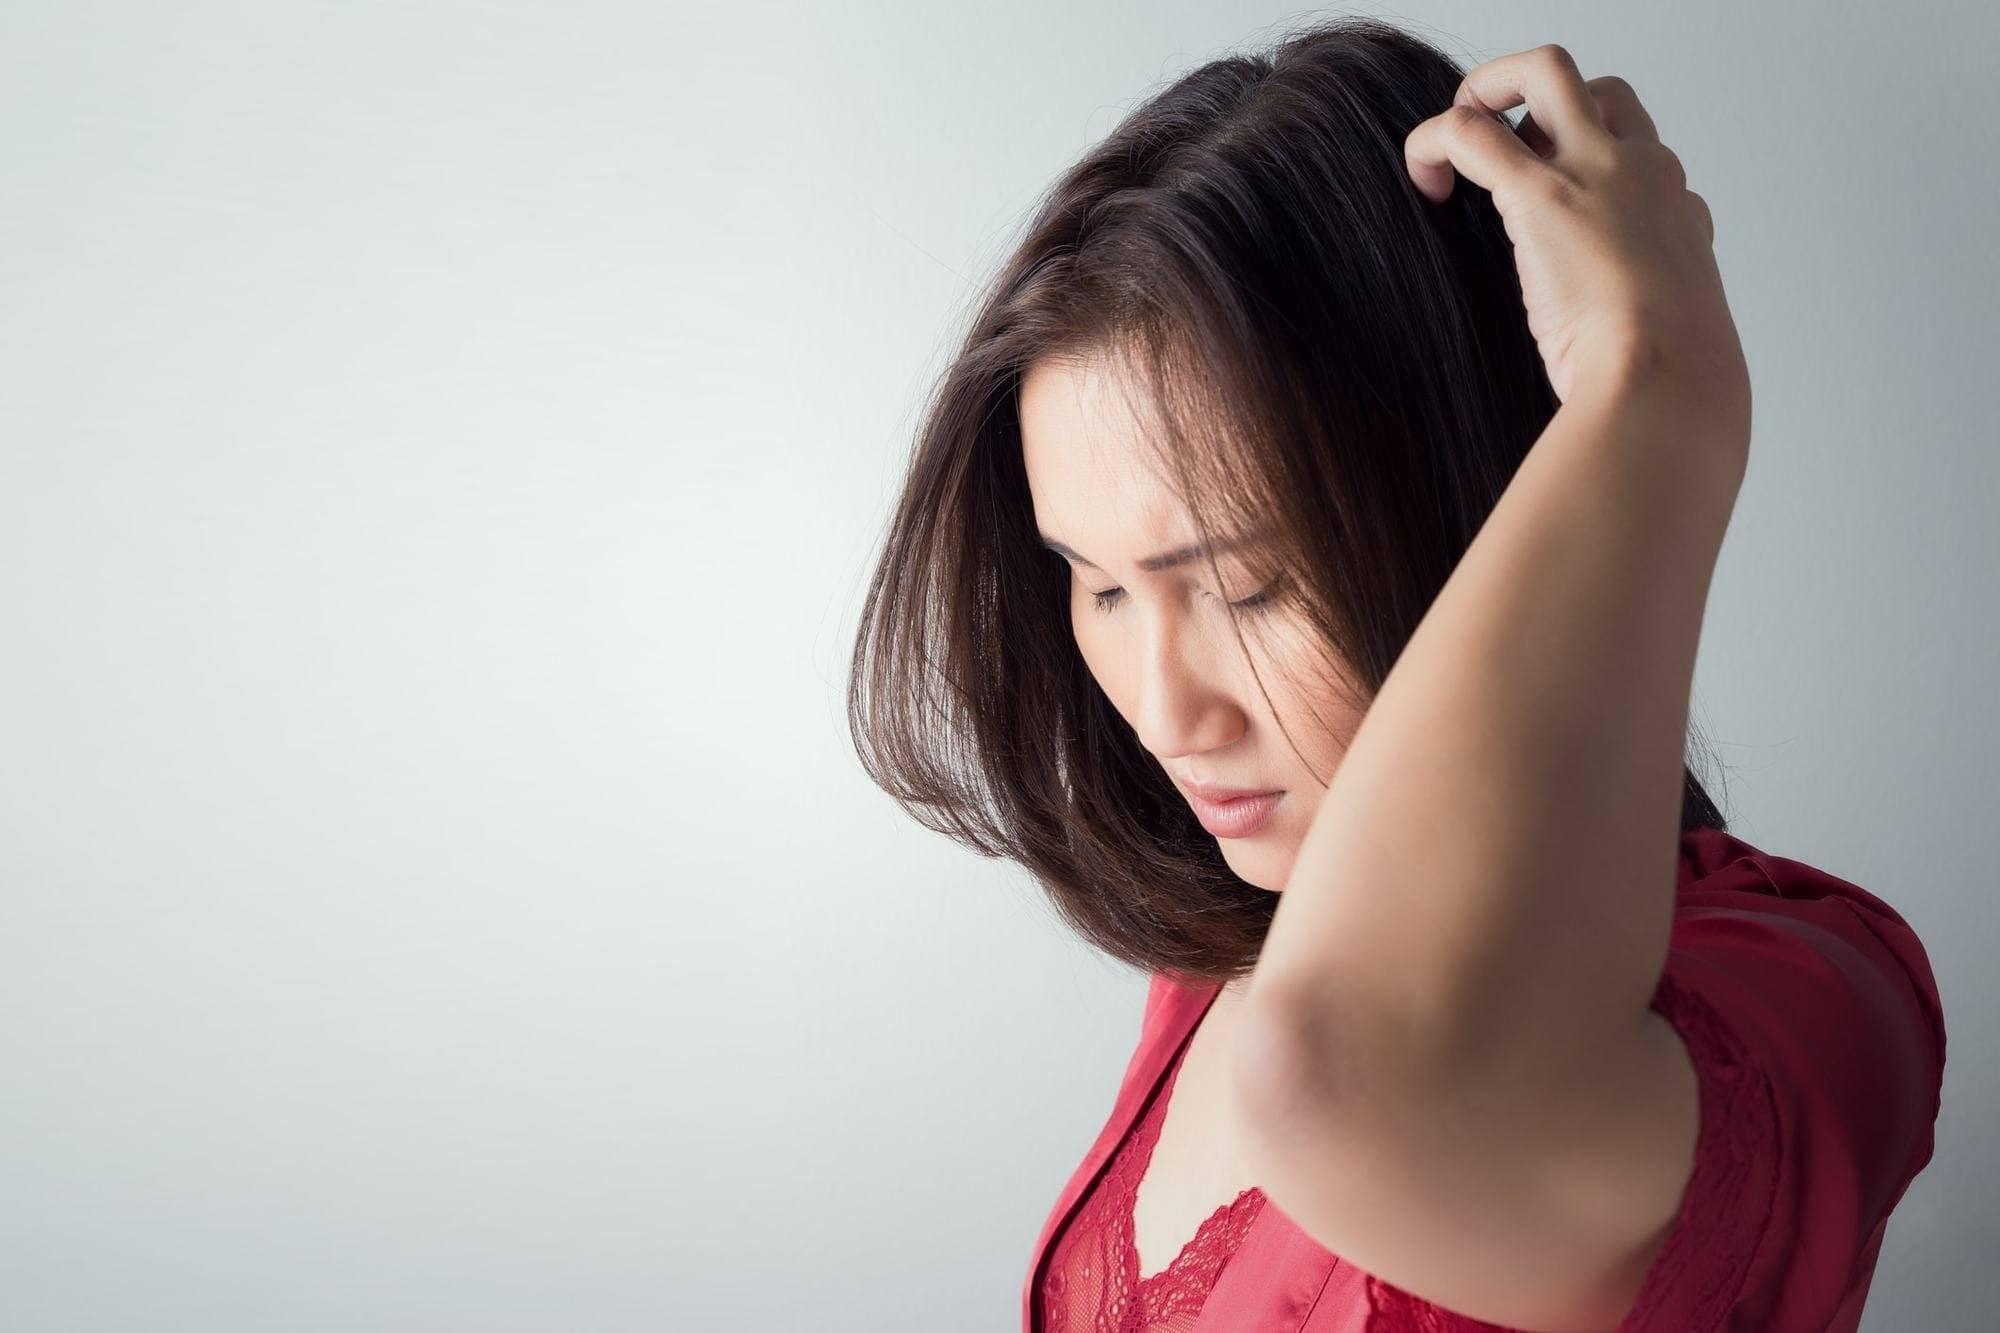 Wanita asia dengan baju merah menyentuh kulit kepala.